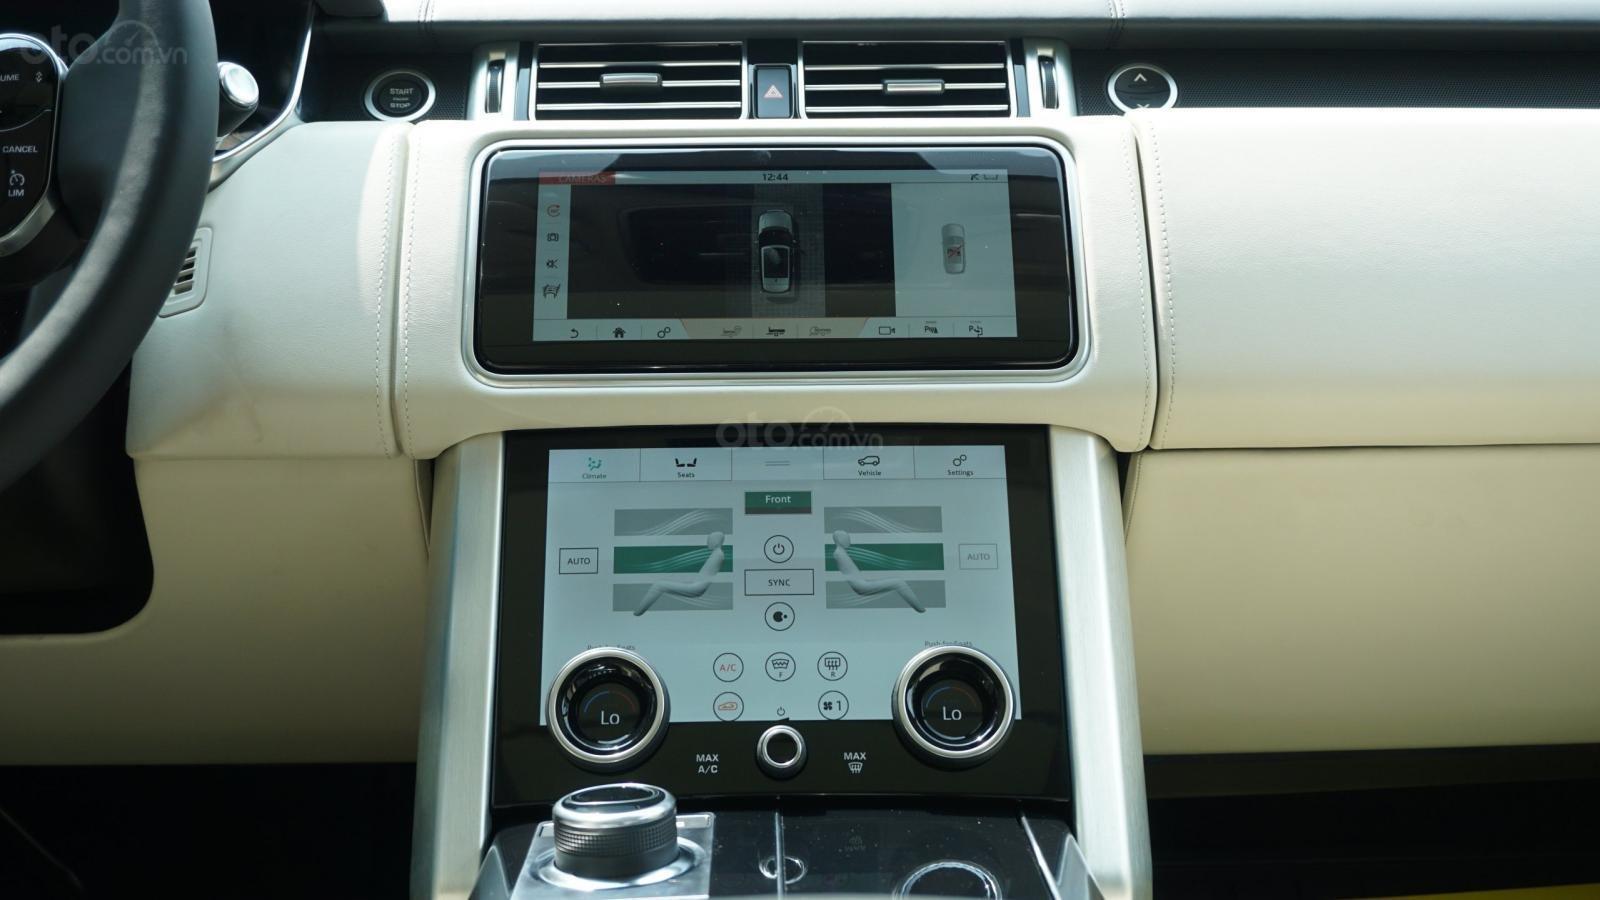 Range Rover Autobiography LWB 2020, Hồ Chí Minh, giá tốt giao xe ngay toàn quốc, LH trực tiếp 0844.177.222 (7)